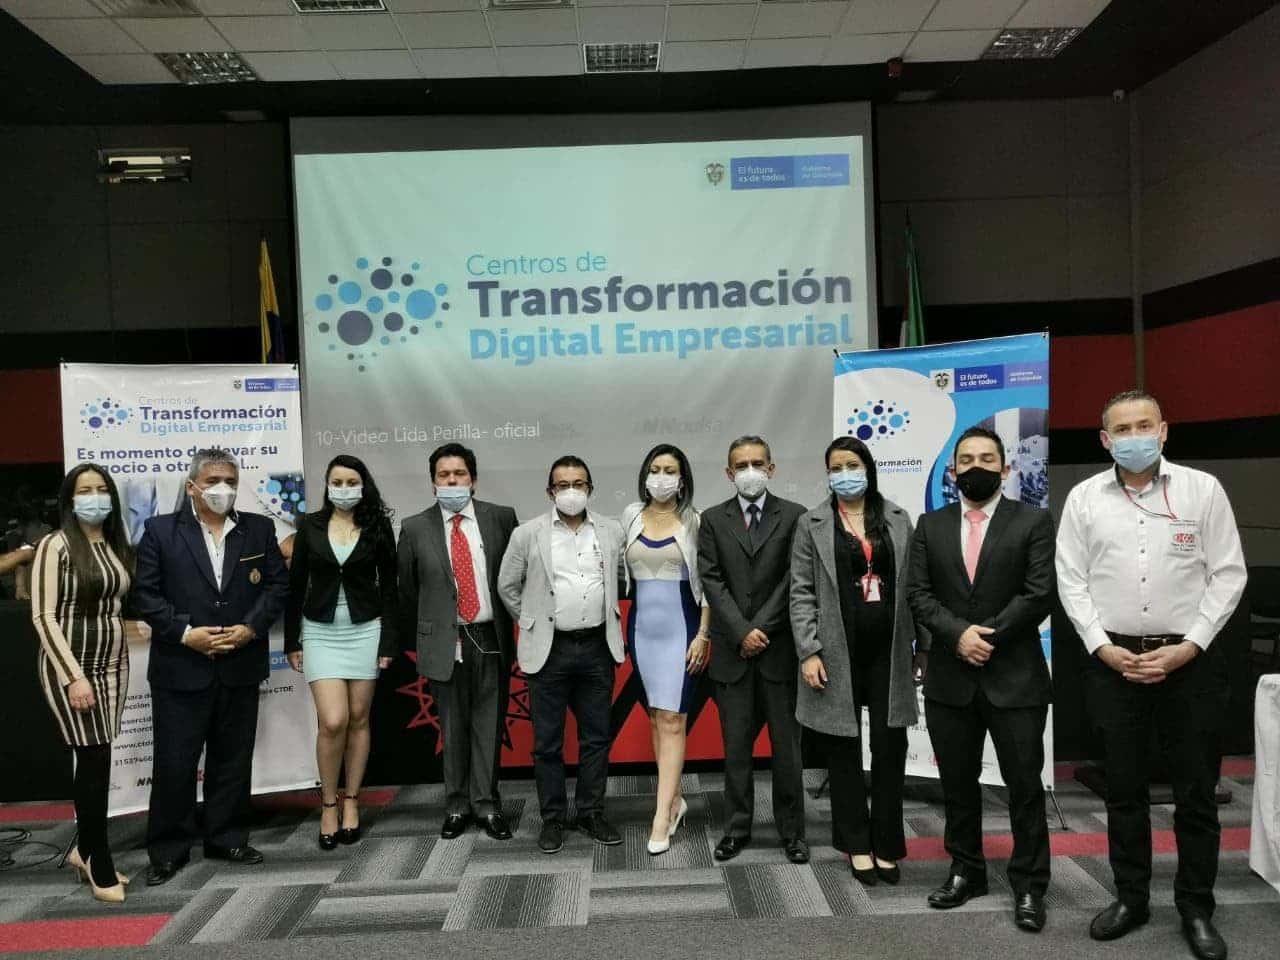 La Cámara de Comercio de Sogamoso finaliza una segunda fase de su Centro de Transformación Digital Empresarial (CTDE) 4